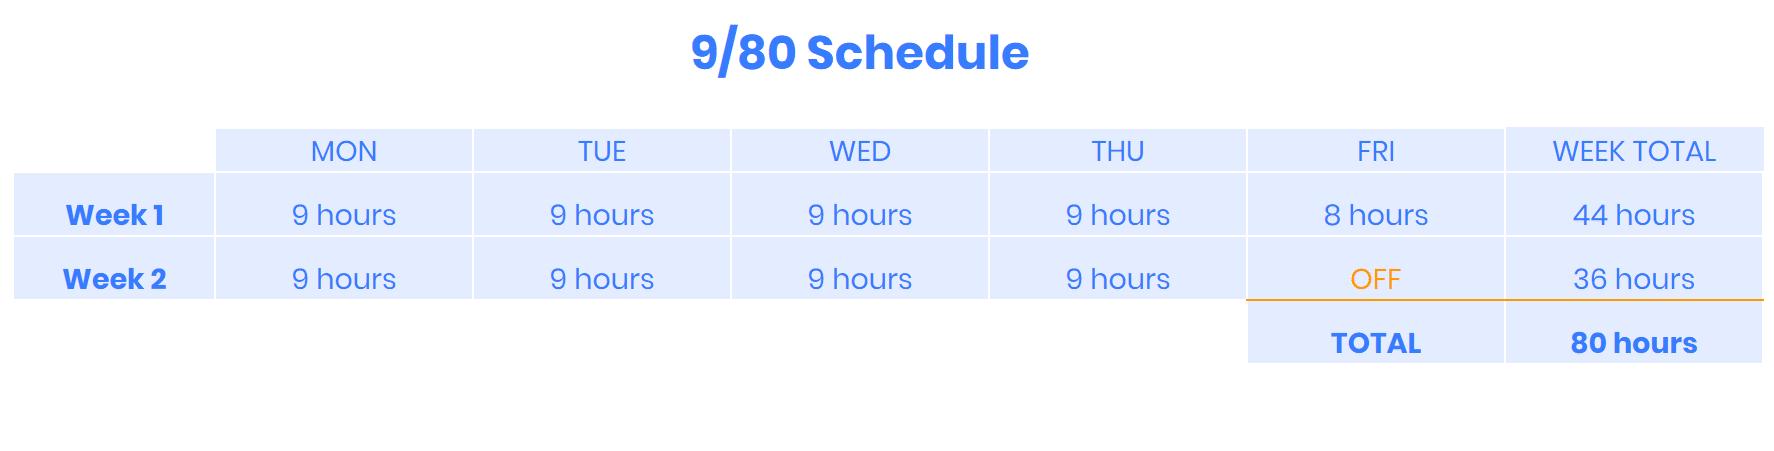 9/80 schedule